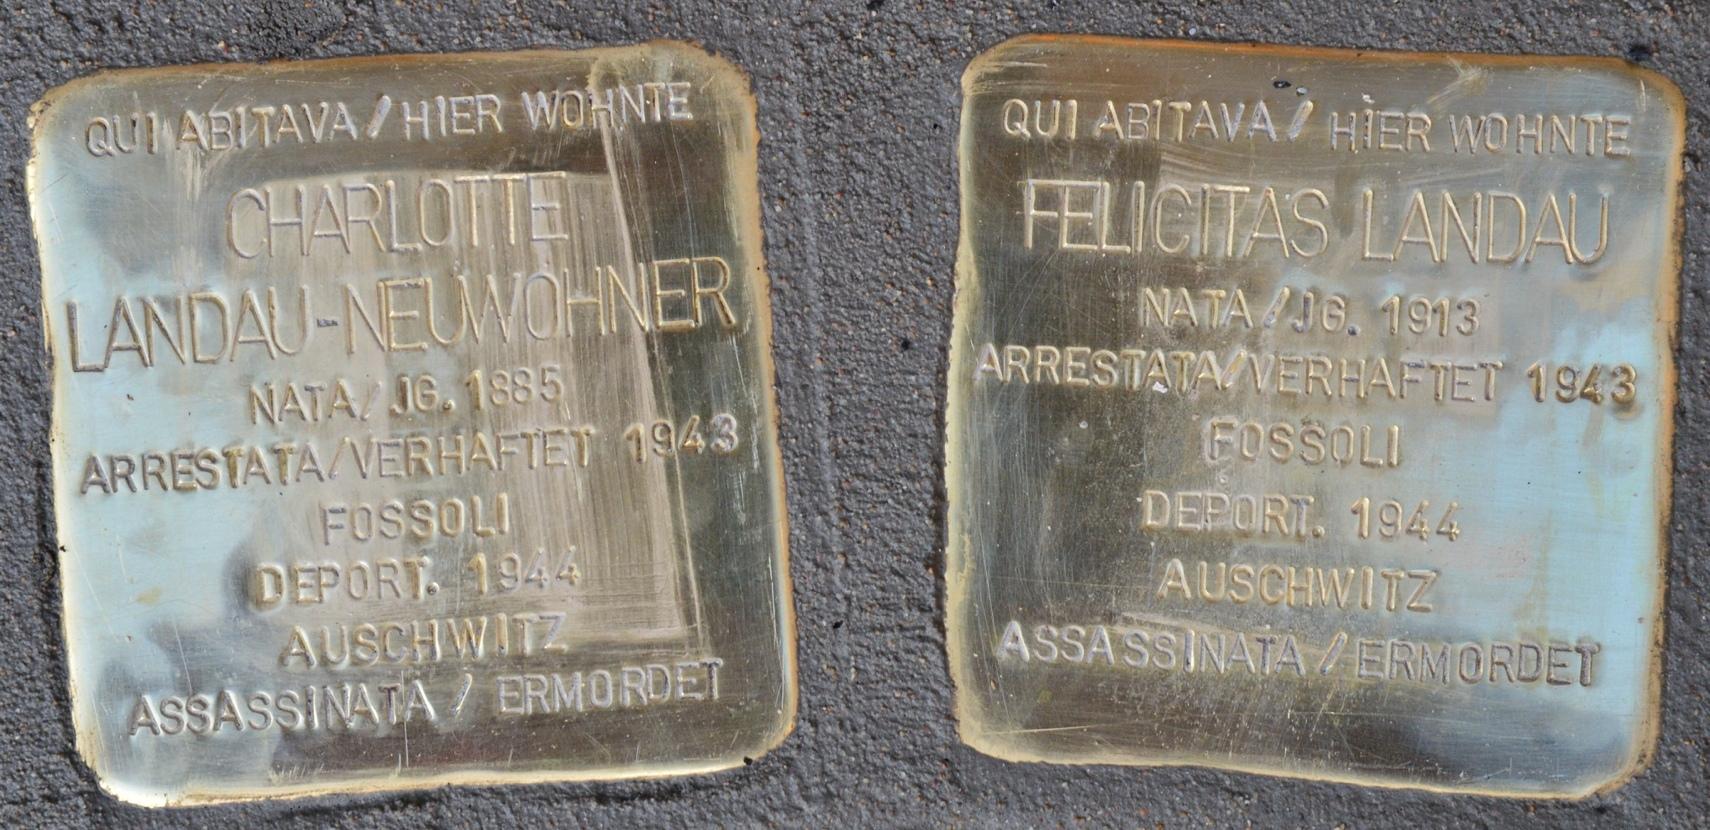 Stolpersteine für Charlotte und Felicitas Landau in Bozen (Südtirol).jpg